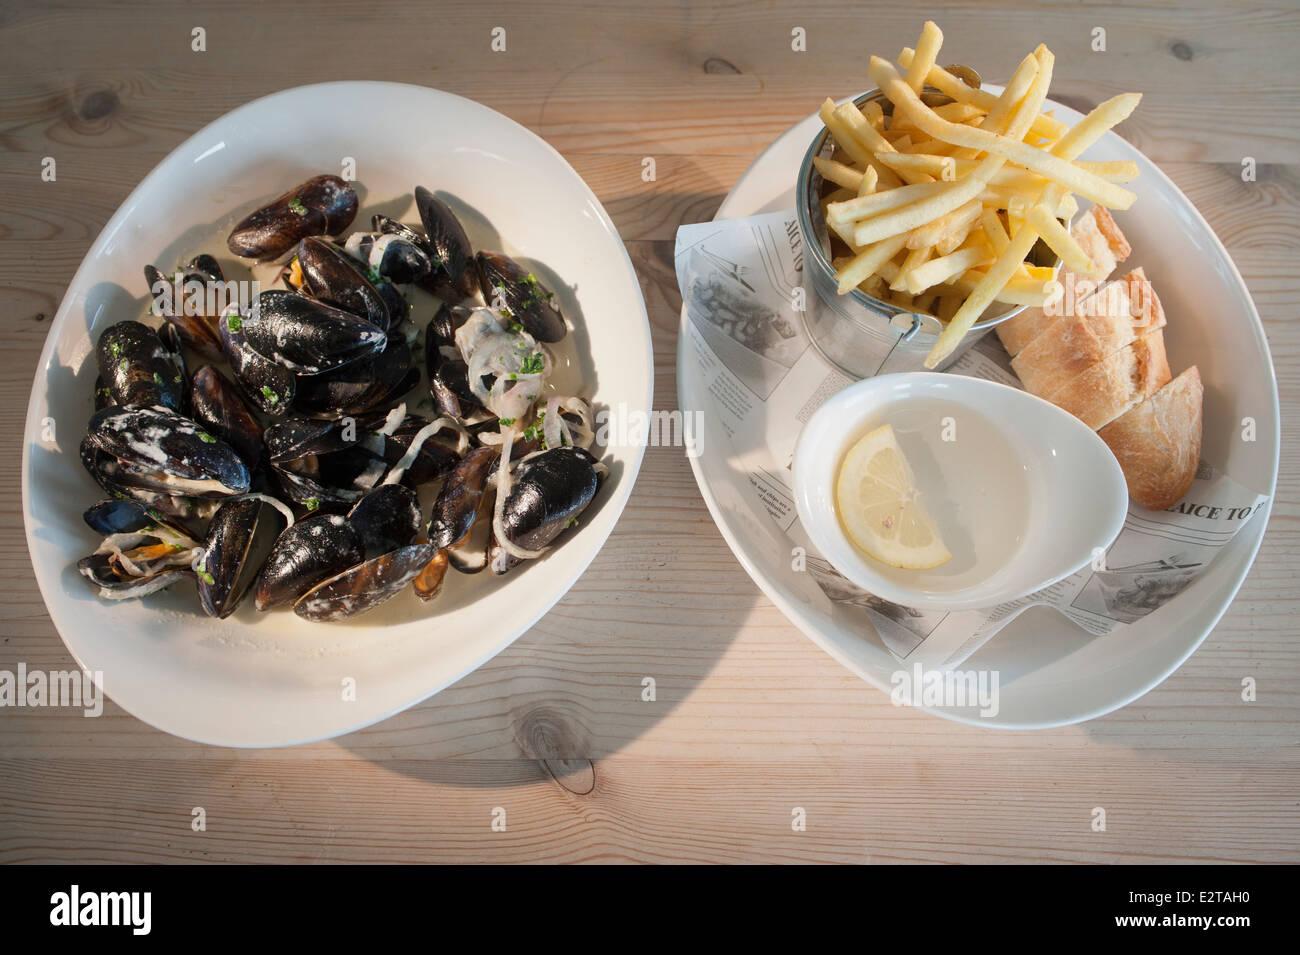 Des moules ou des moules cuites dans le vin blanc avec le persil et accompagnés de chips ou de frites et de Photo Stock